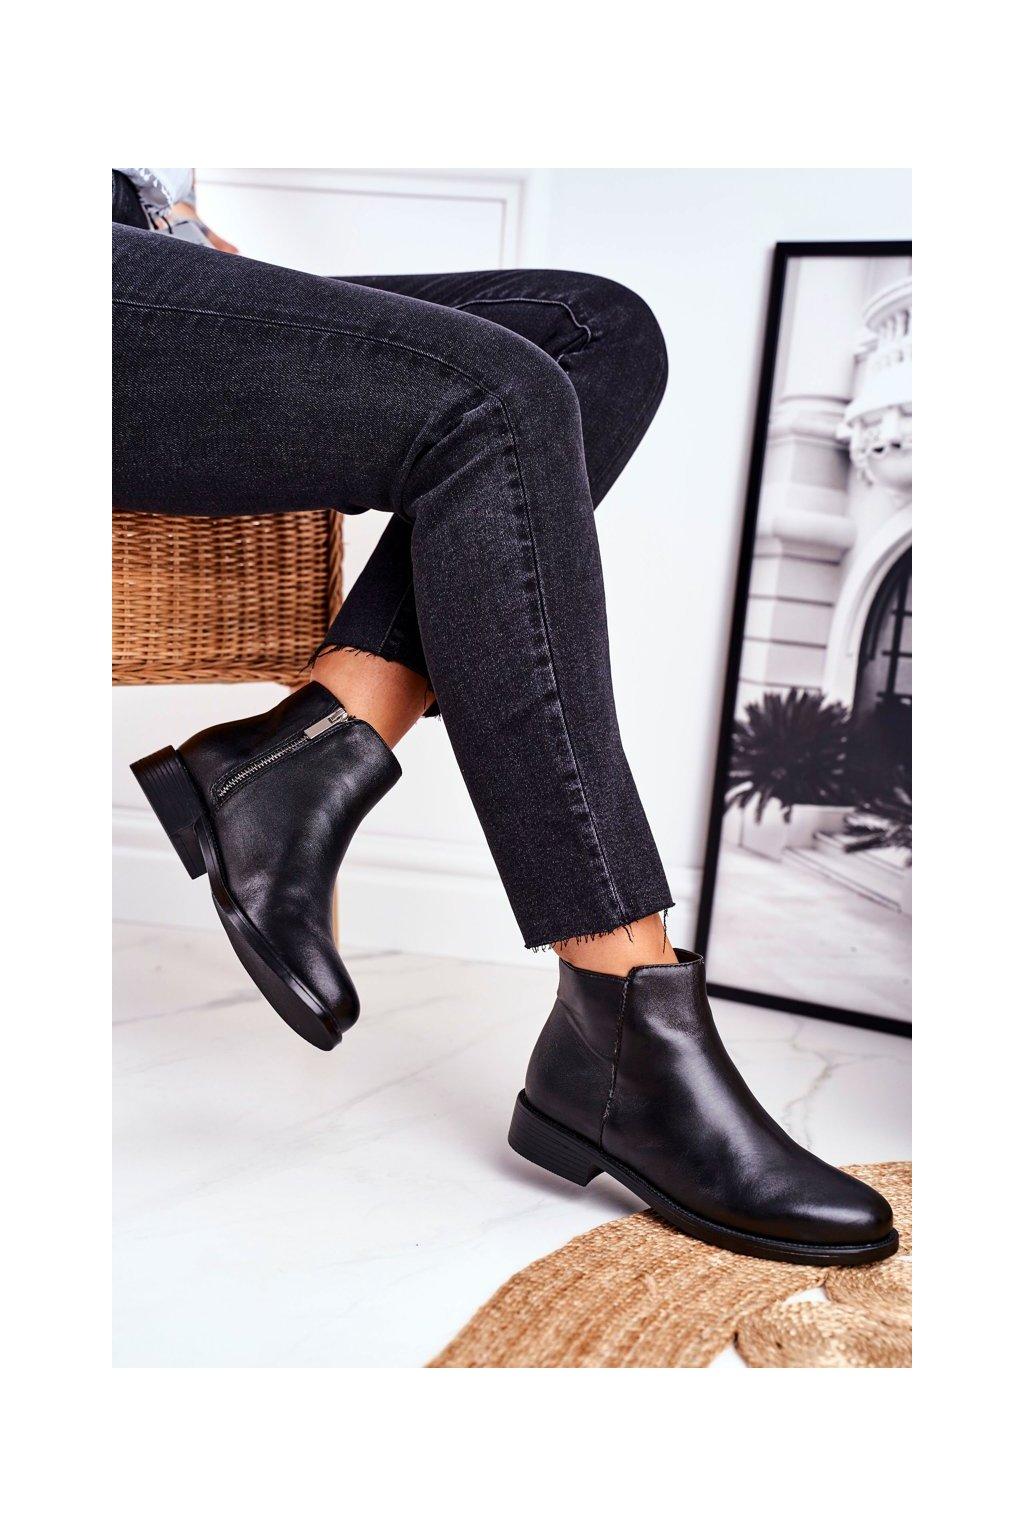 Členkové topánky na podpätku farba čierna kód obuvi W1949-7 BLK